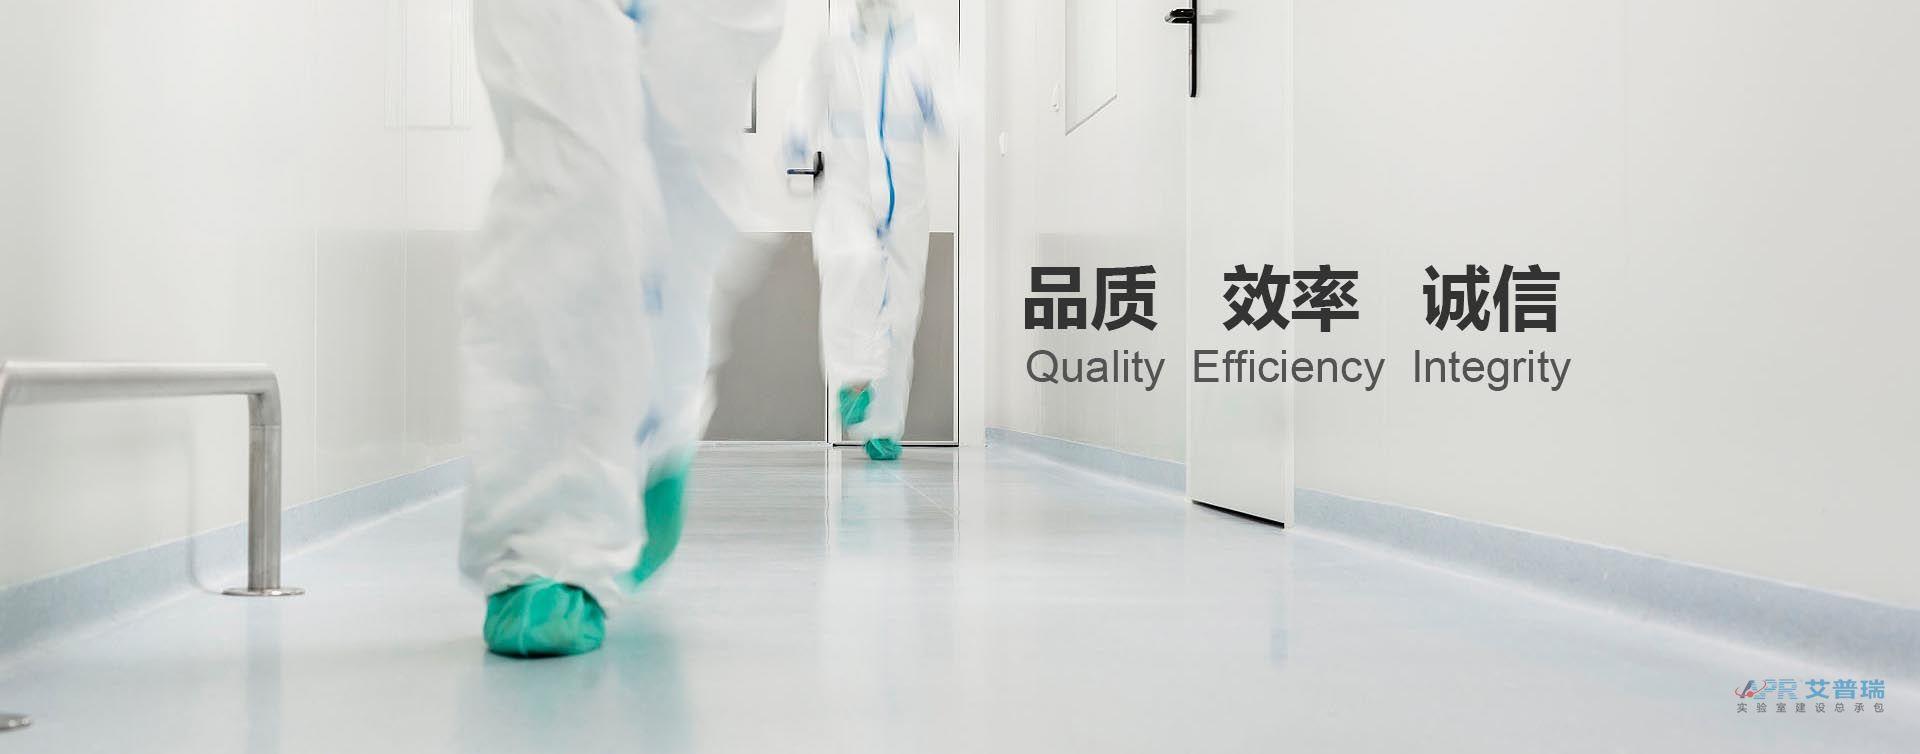 艾普瑞——成都实验室装修公司网站幻灯片4